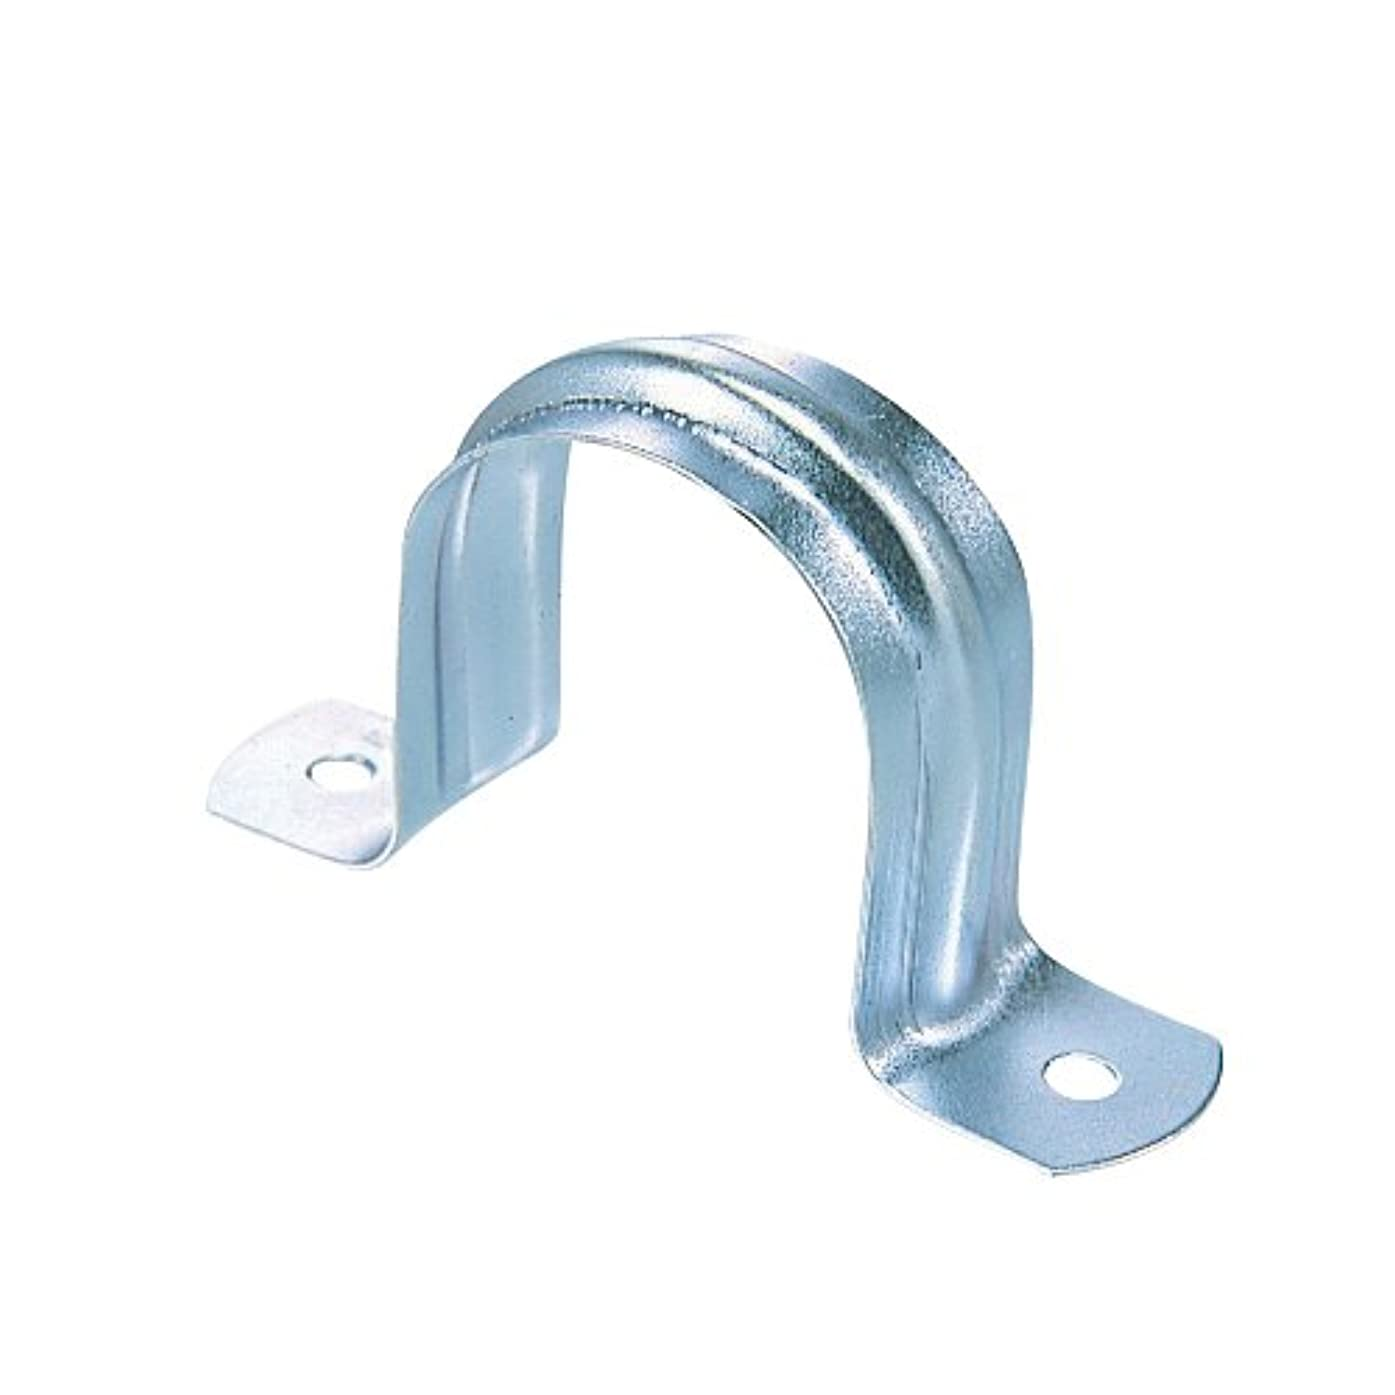 デンマークサスペンション伝染病カクダイ サドルバンド 6250-25 34×4mm パイプ配管の壁面の押さえ用